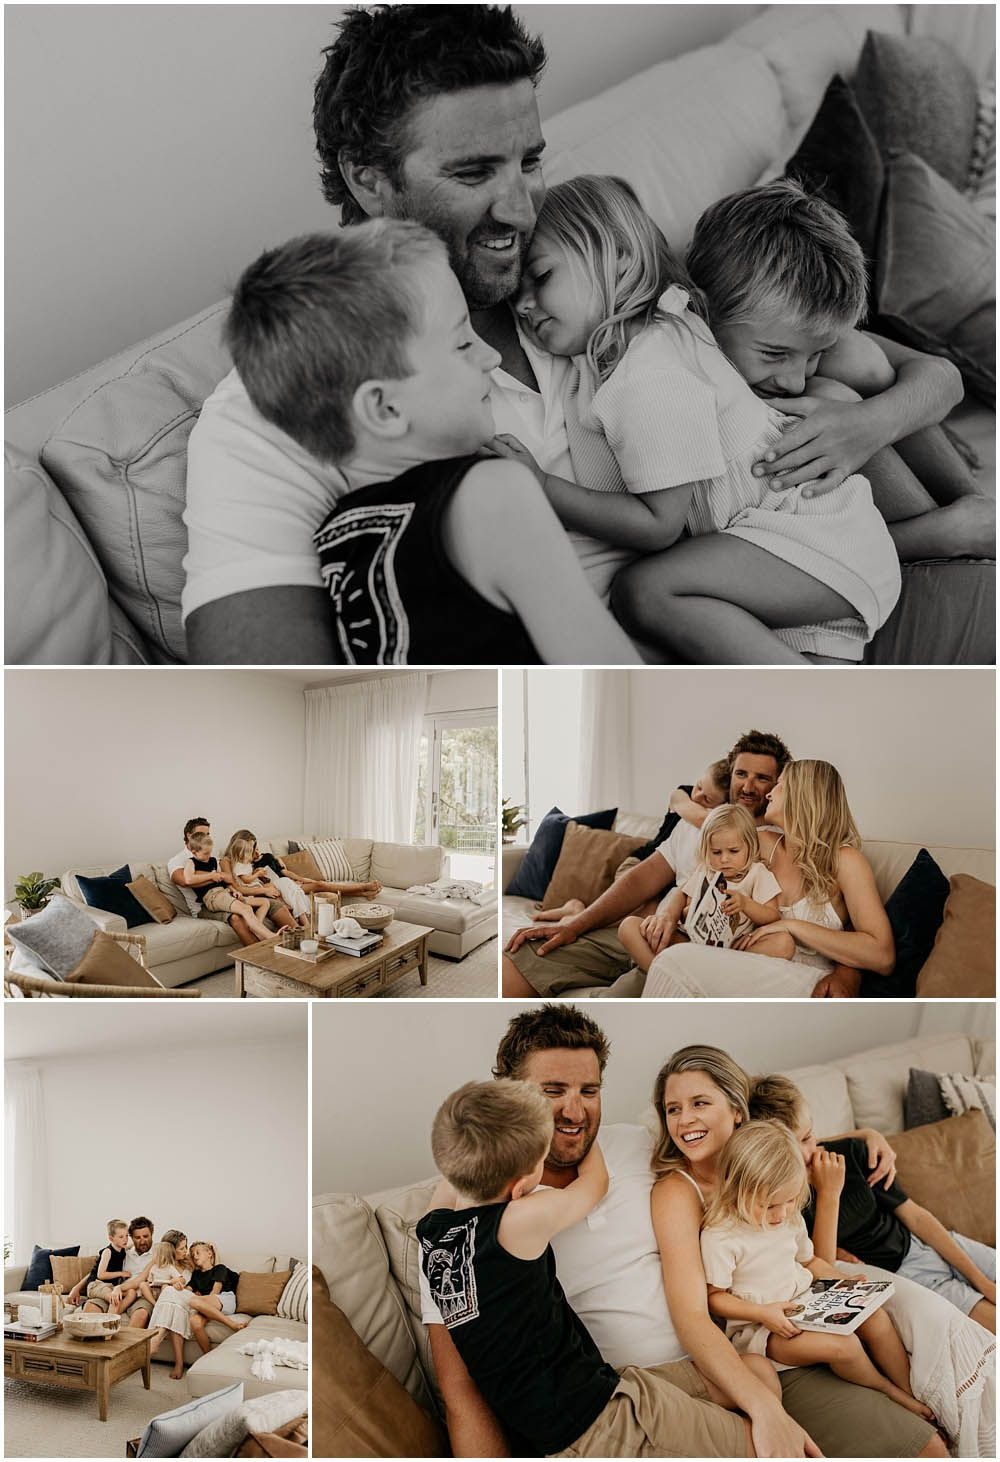 Alix + Johnny | Family Storytelling Film & Photo Session | Brisbane ~ Bec Zacher Photography